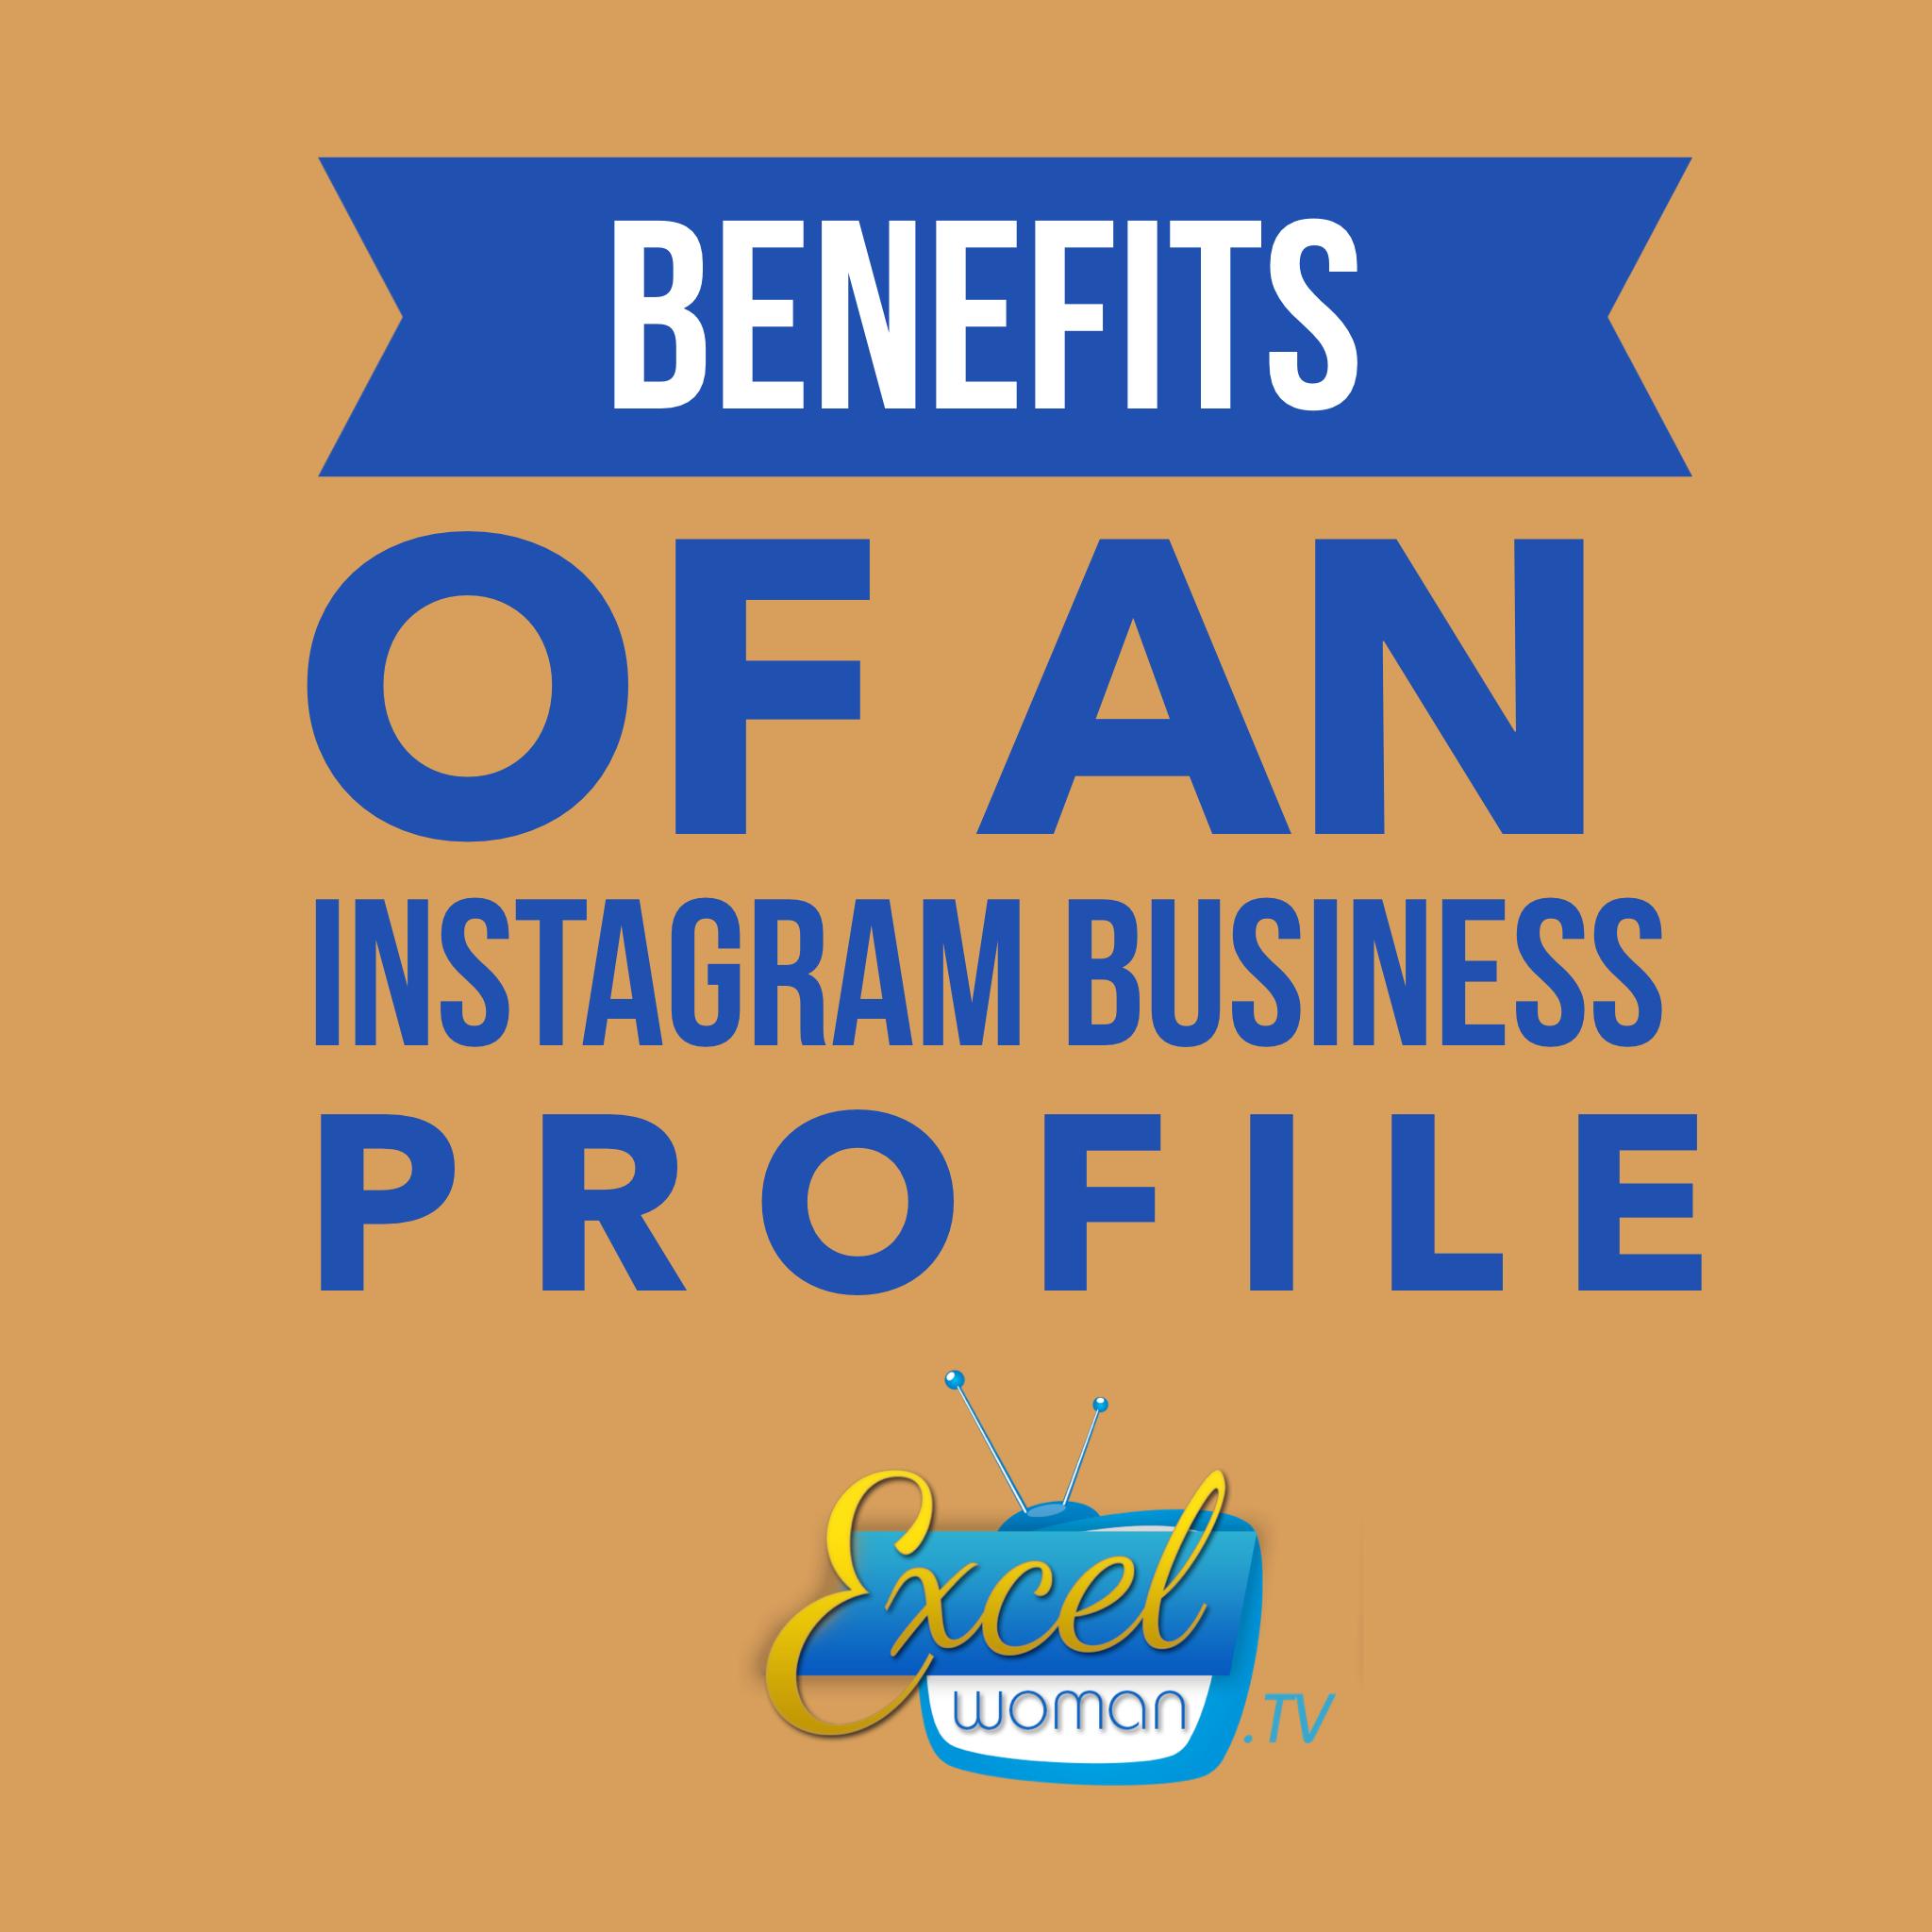 Benefits of Instagram Business Account